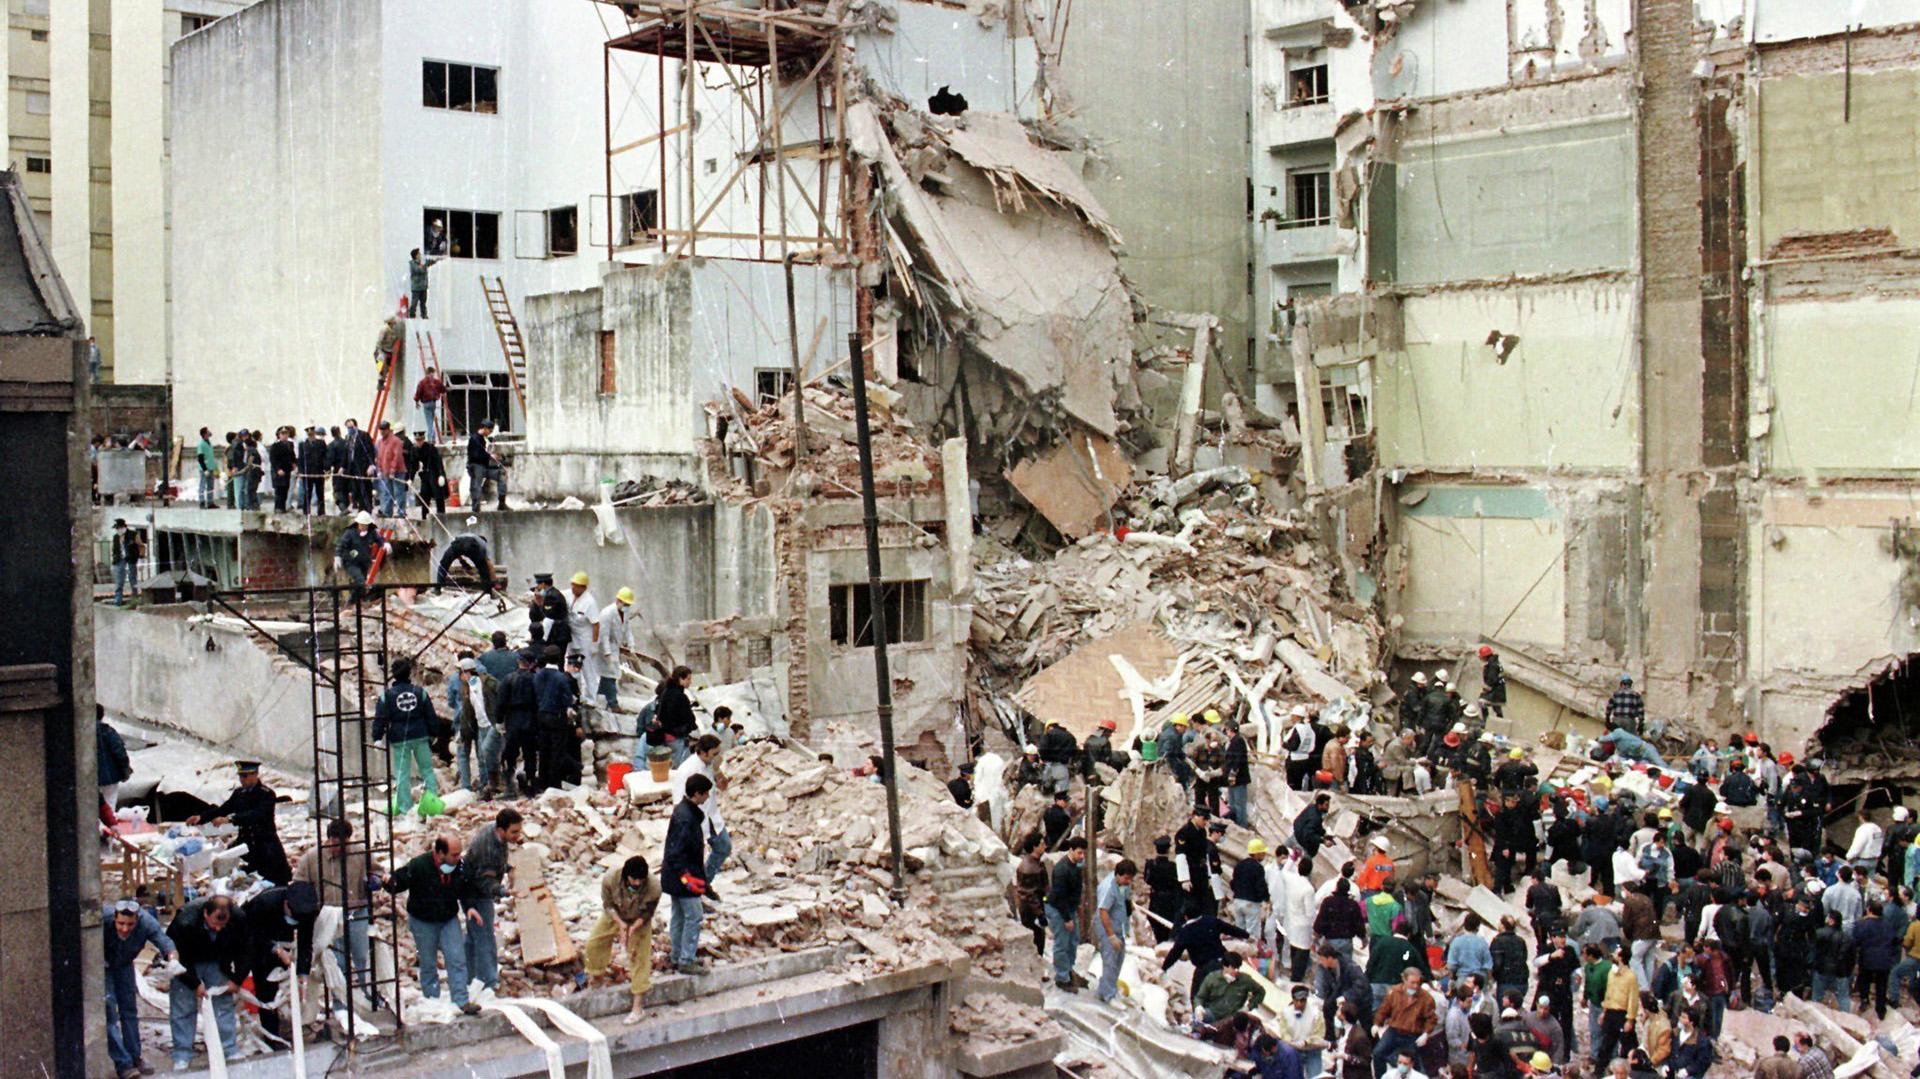 El 17 de marzo de 1992, la comunidad judía ya había sido objeto de otro atentado, cuando una camioneta Ford F-100 explotó frente a las puertas de la Embajada de Israel (AFP)